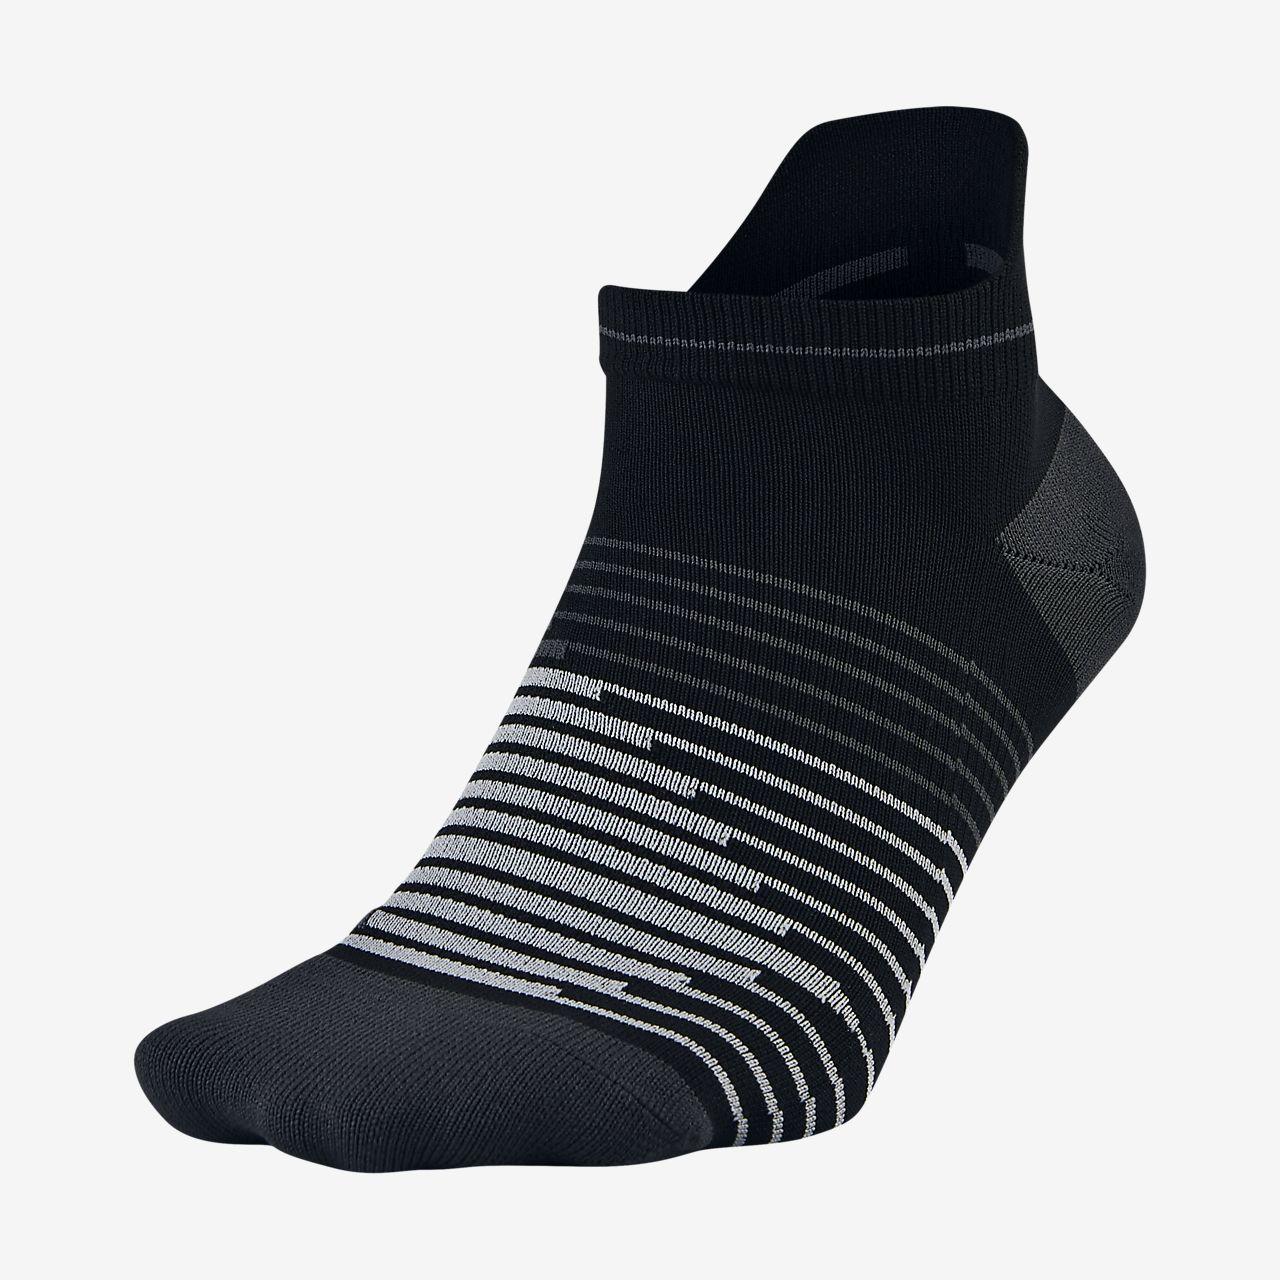 Nike Dri-FIT Lightweight No-Show Tab Running Socks